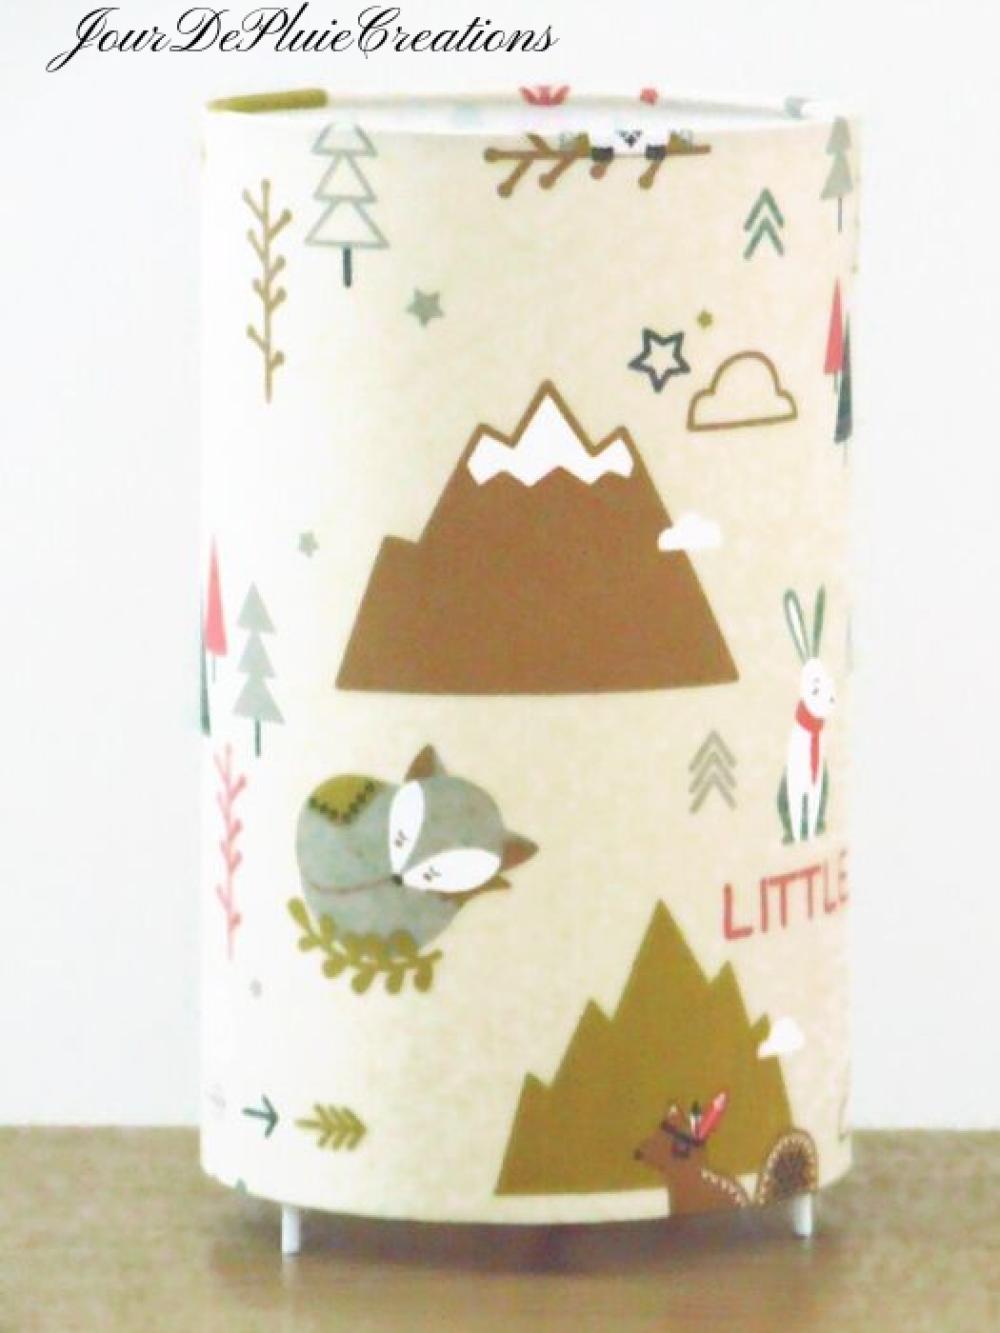 Lampe tube motifs nature aventures montagne lampe chevet d'appoint idée cadeau naissance bébé chambre enfant